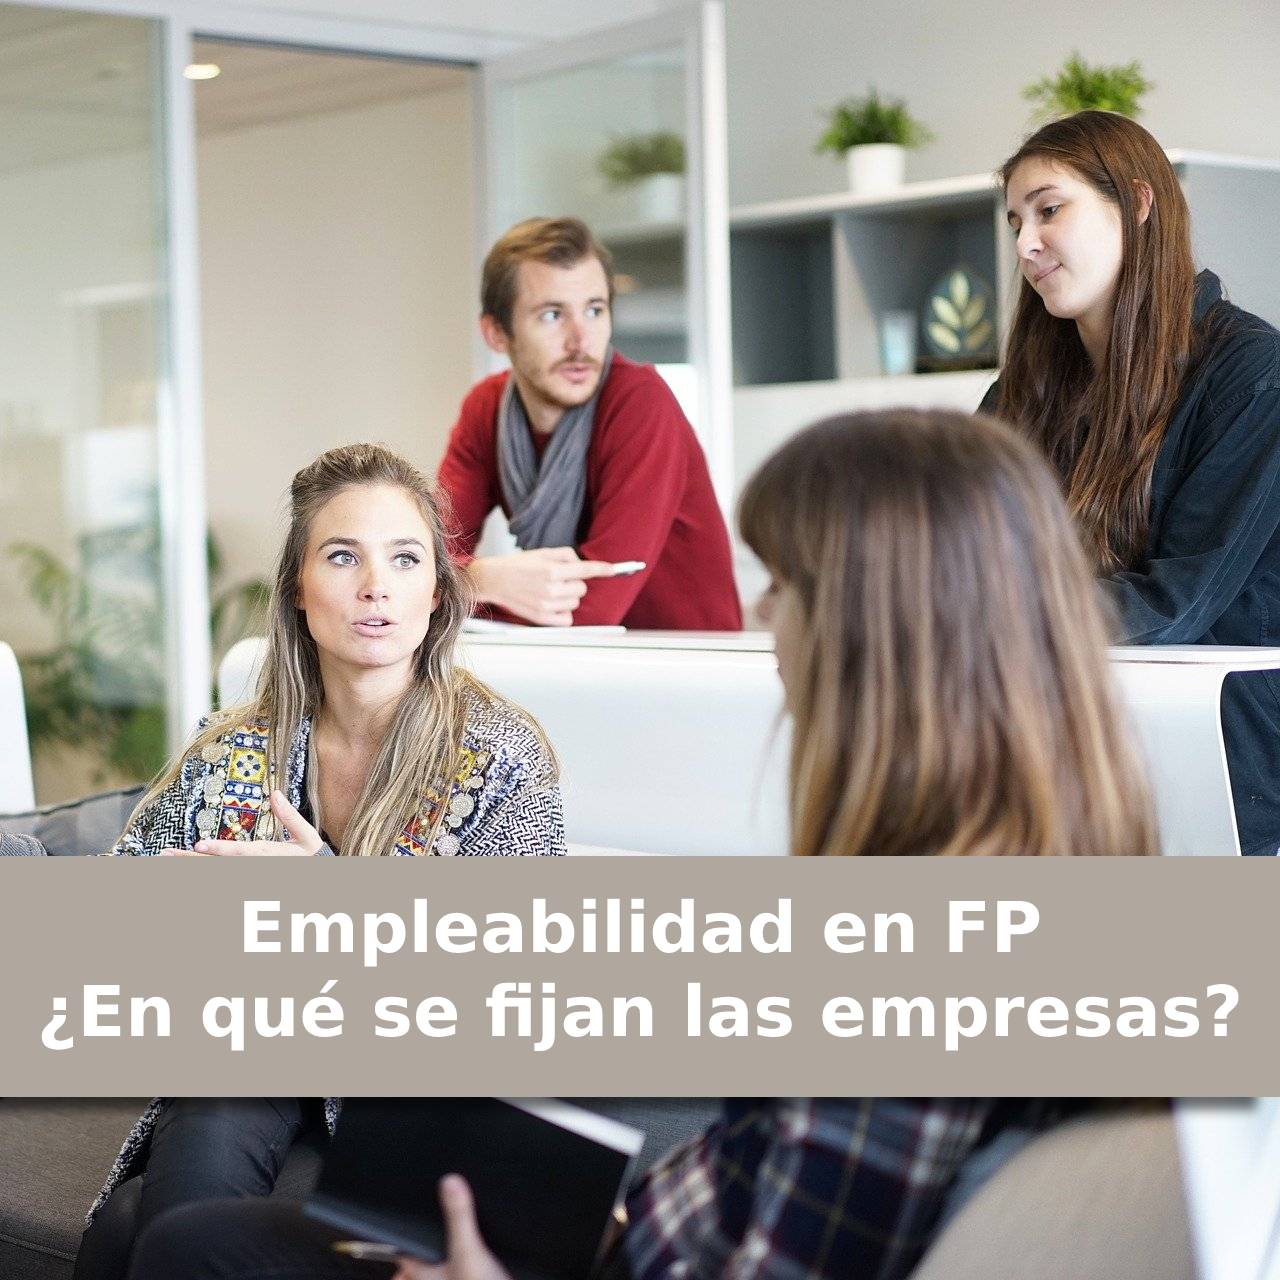 Empleabilidad en FP. ¿En qué se fijan las empresas?